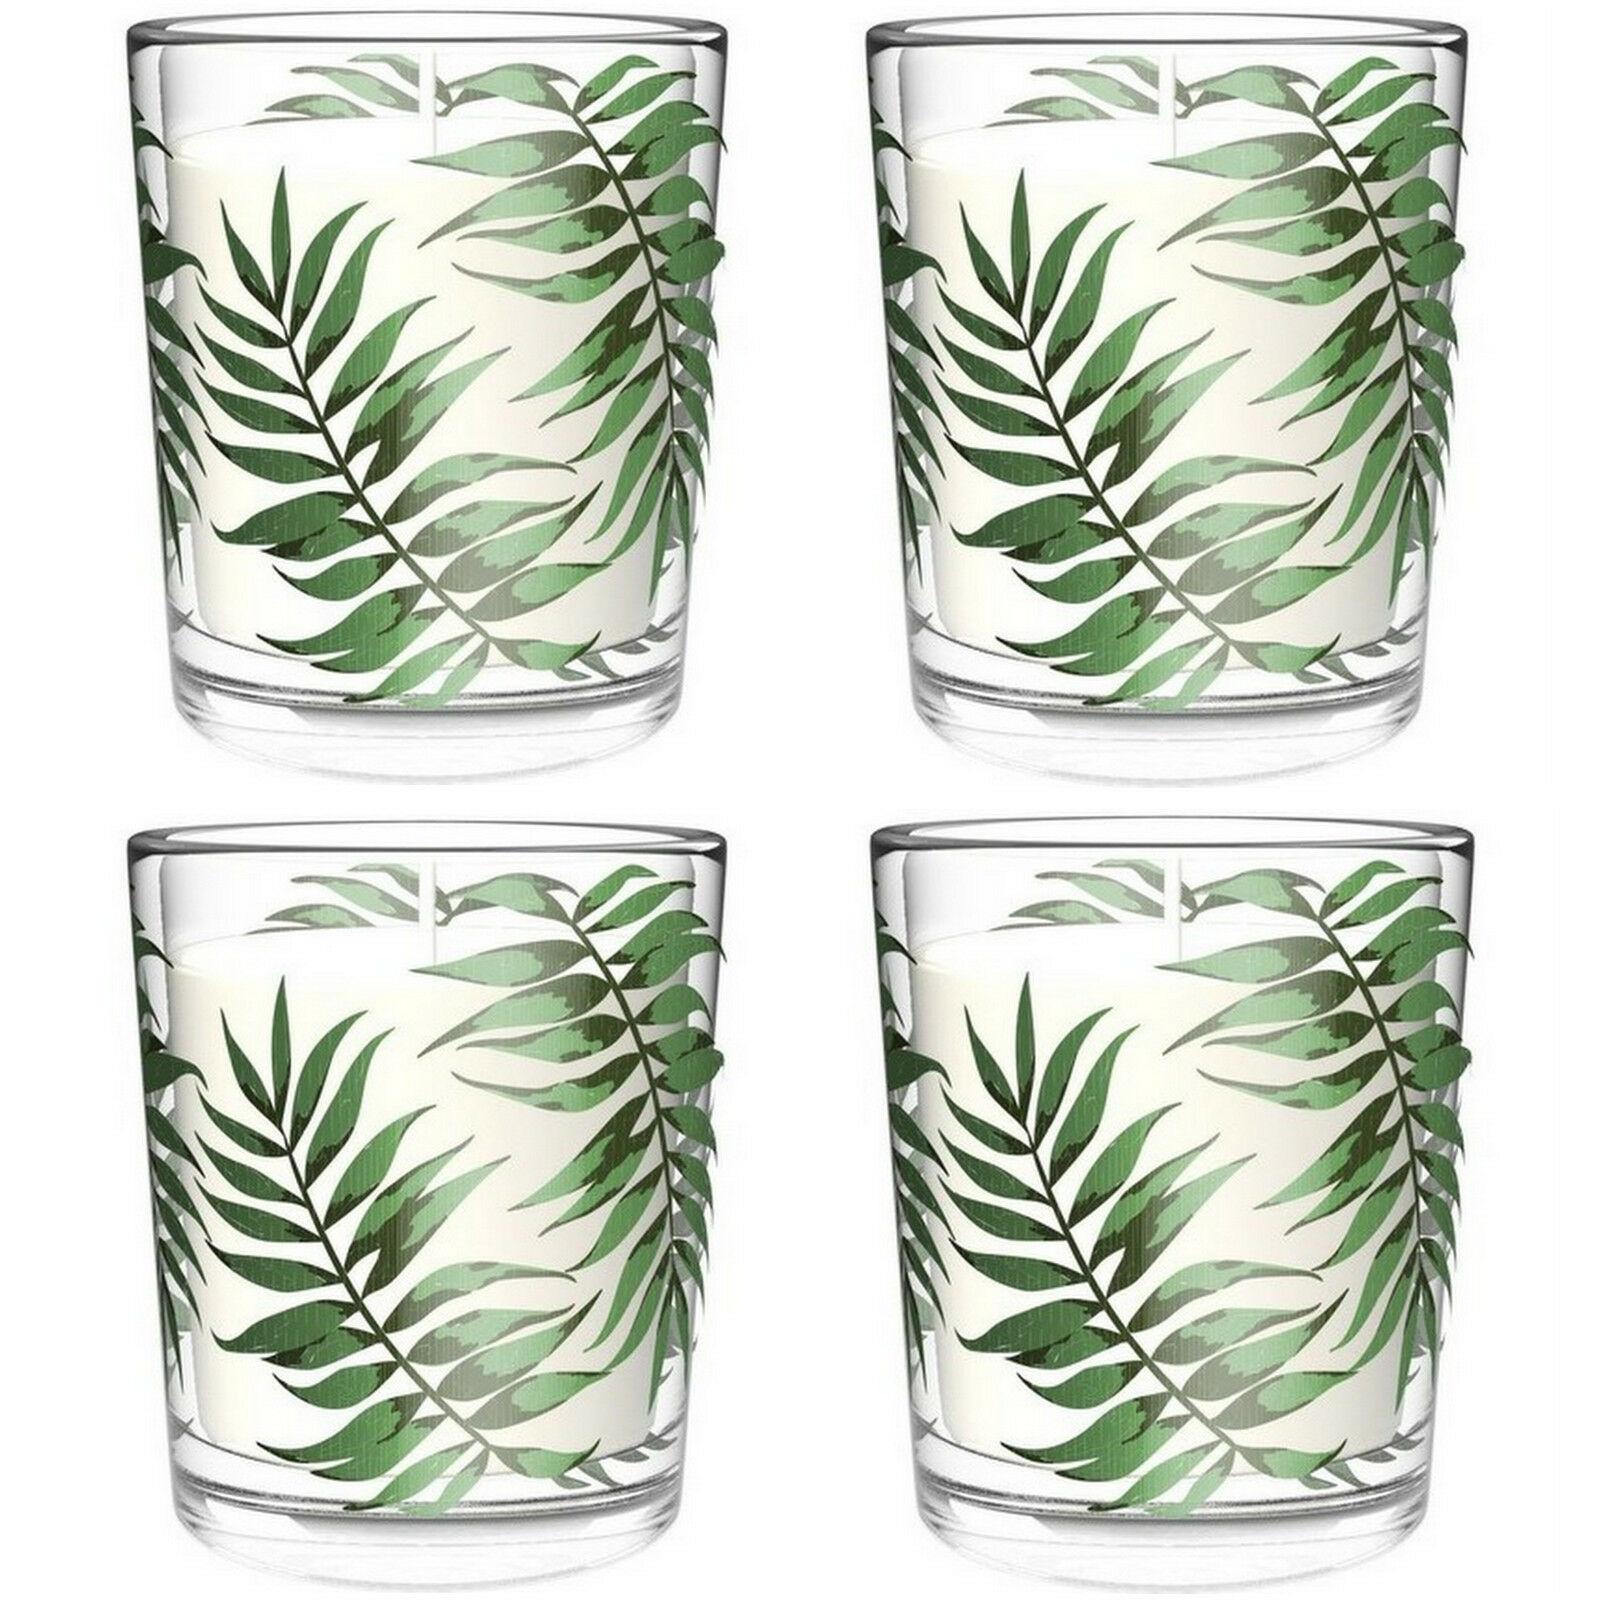 10 Stück Kerze im Glas 84 x 70 mm Kerzenglas 30h Wachs Windlichtkerze Palmblatt